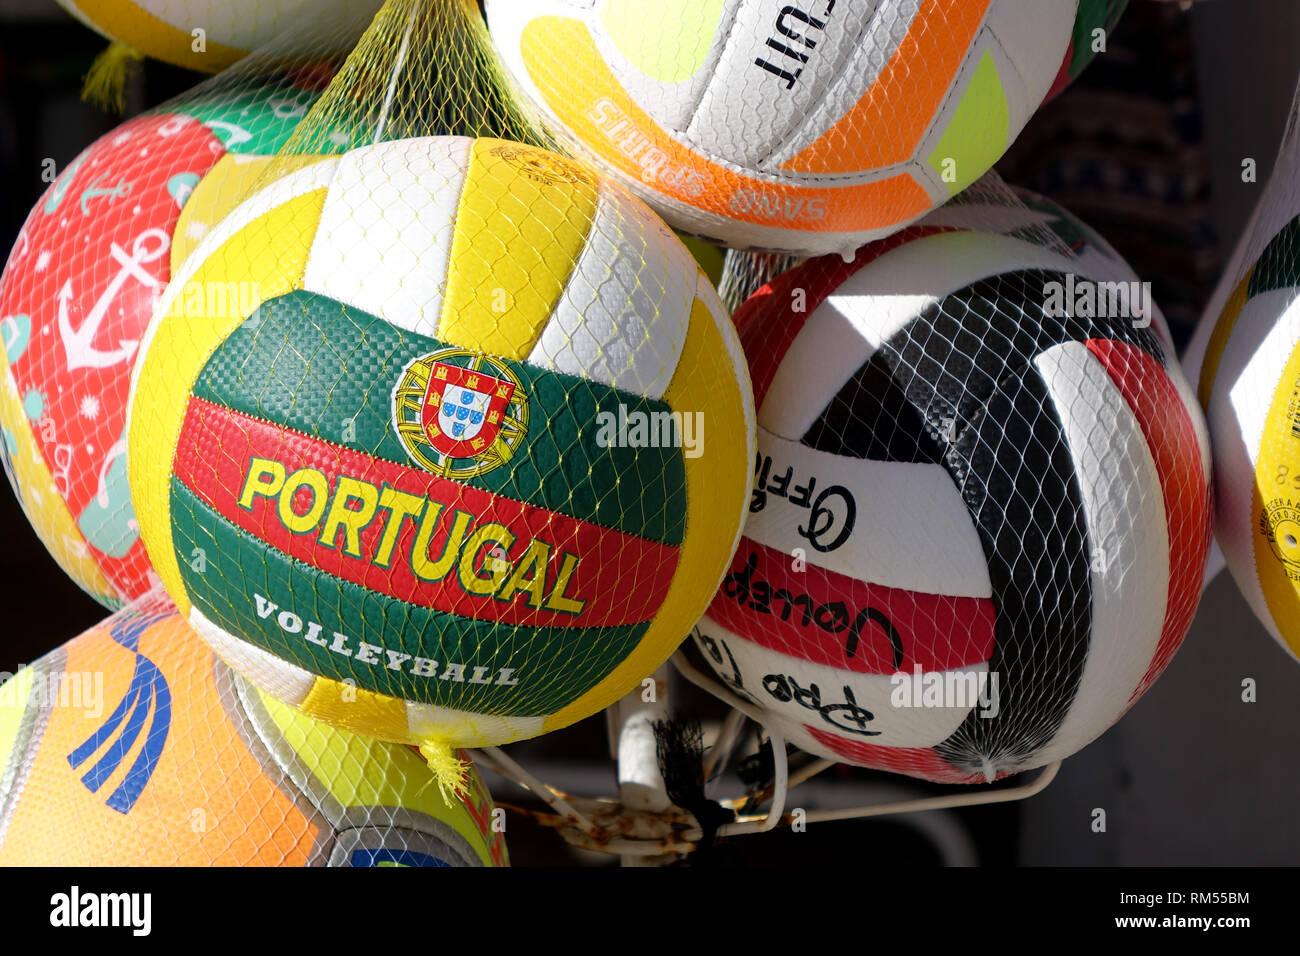 Recuerdo Portugal pelotas de voleibol para la venta en una tienda turística  cerca de la playa 70561a0b95c38